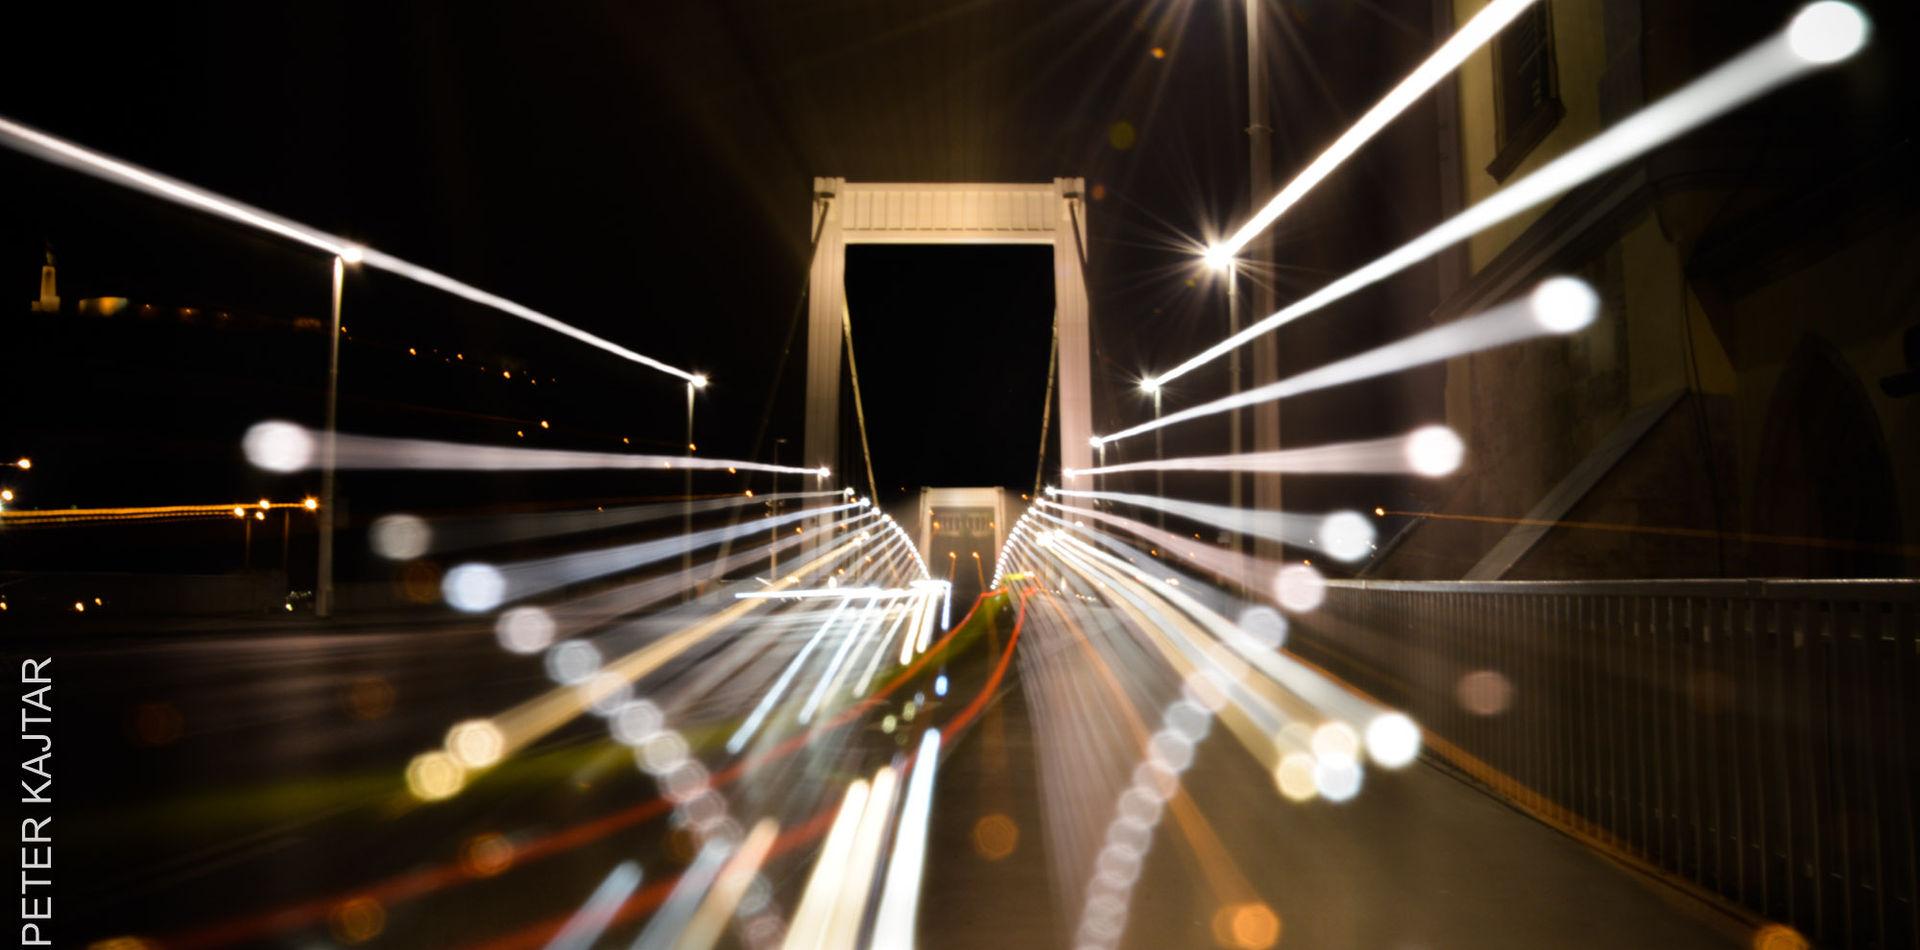 Erzsébet híd, Elisabeth Bridge